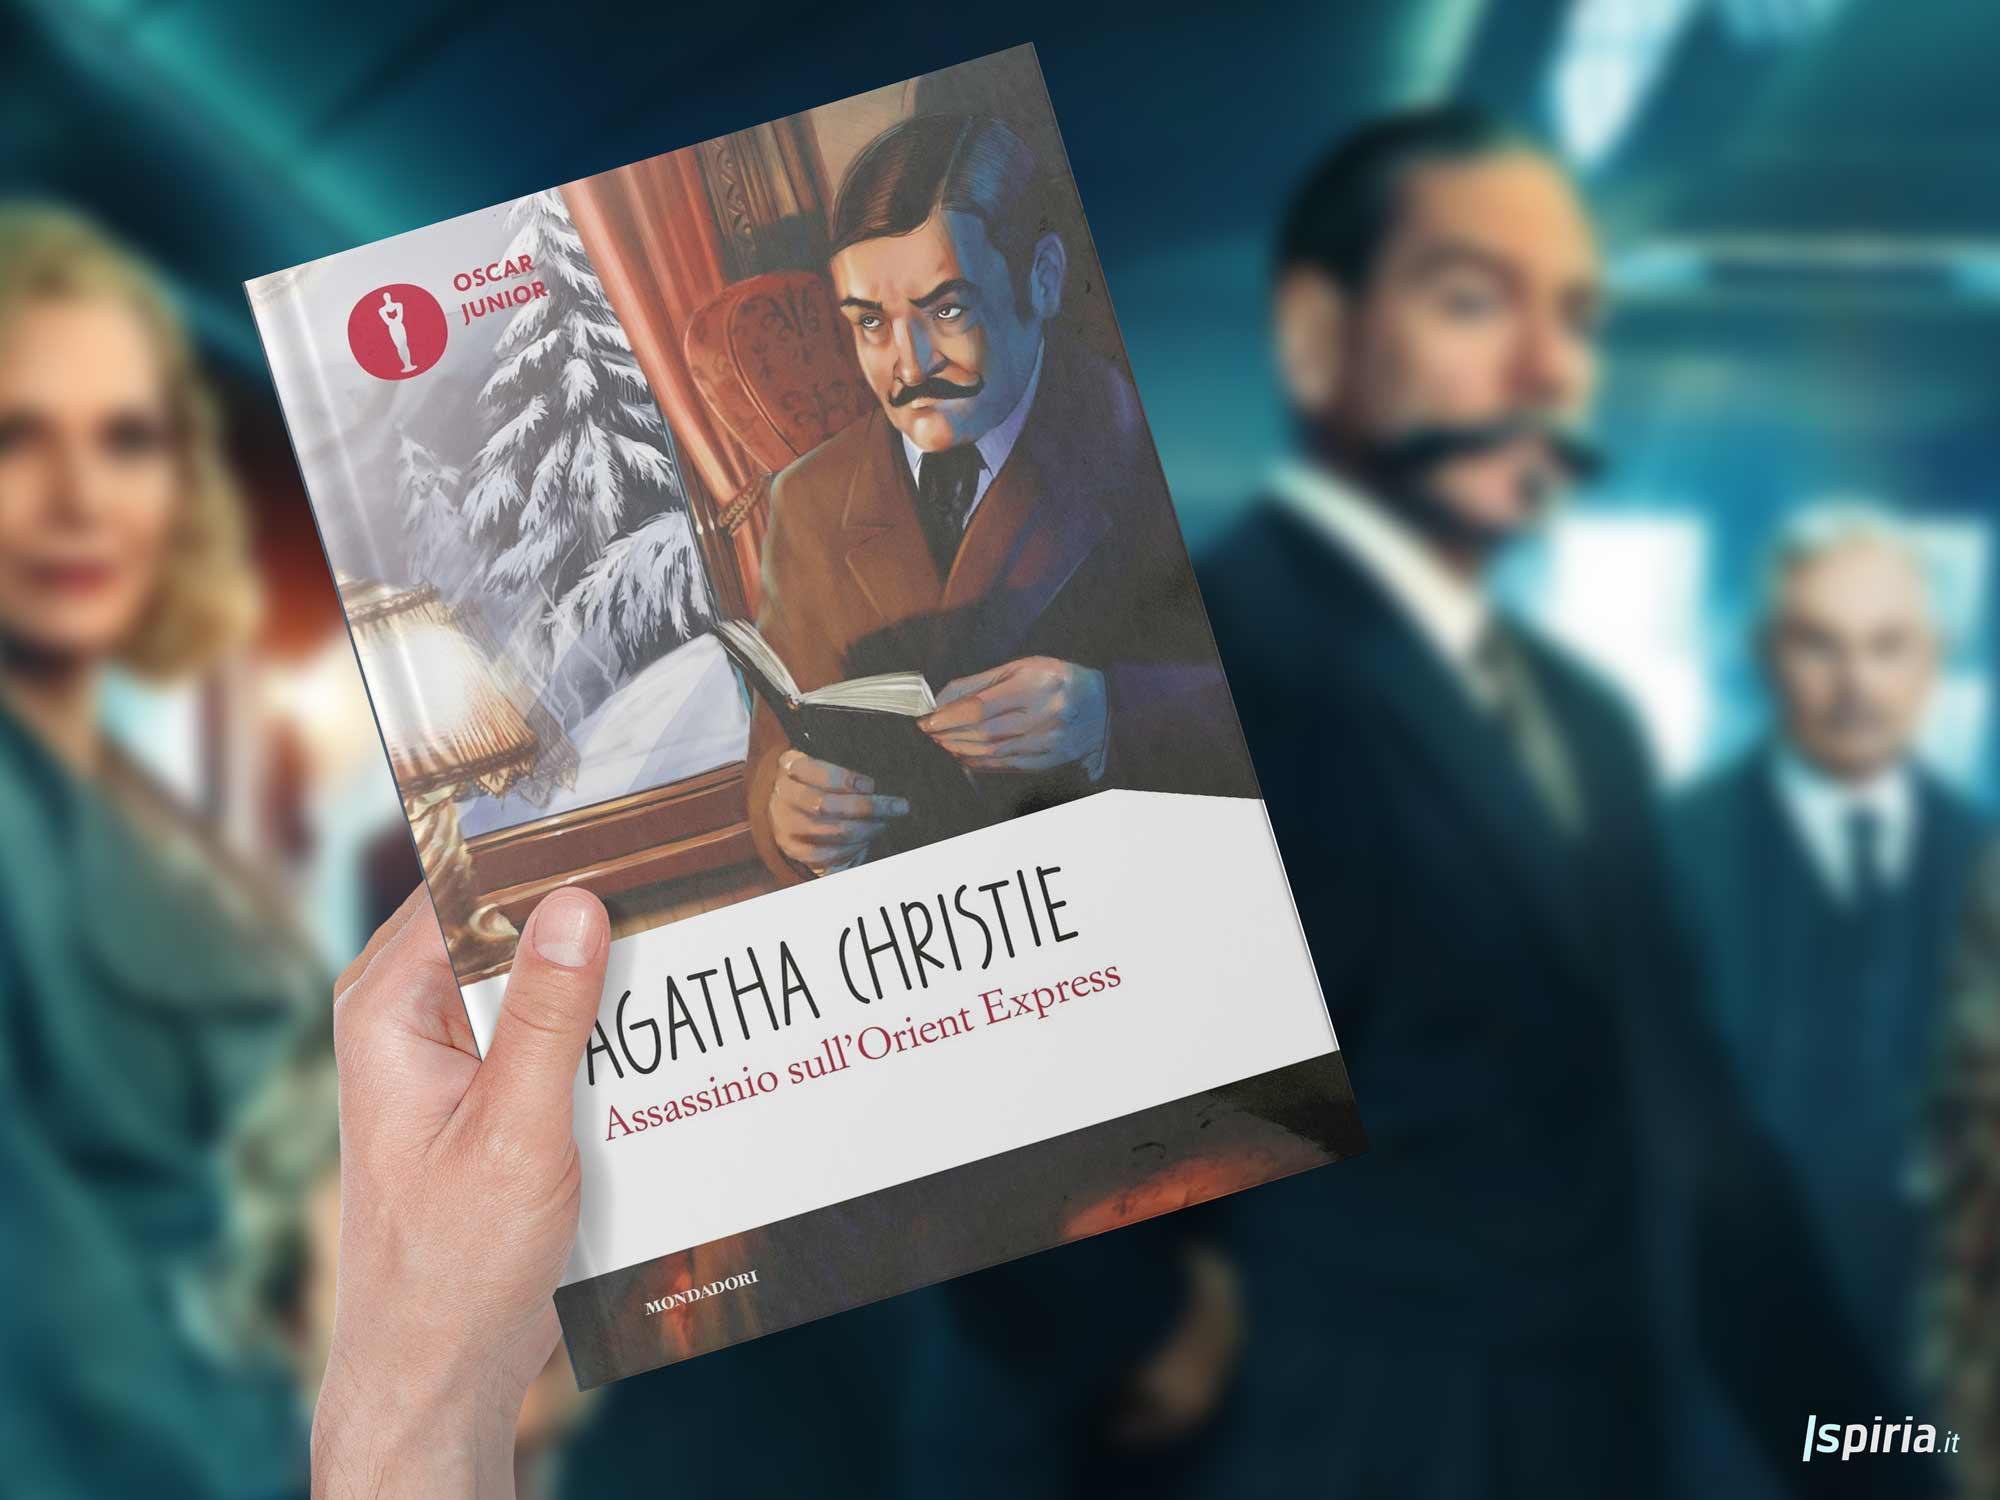 assassinio-sull'orient-express-migliori-libri-agatha-christie